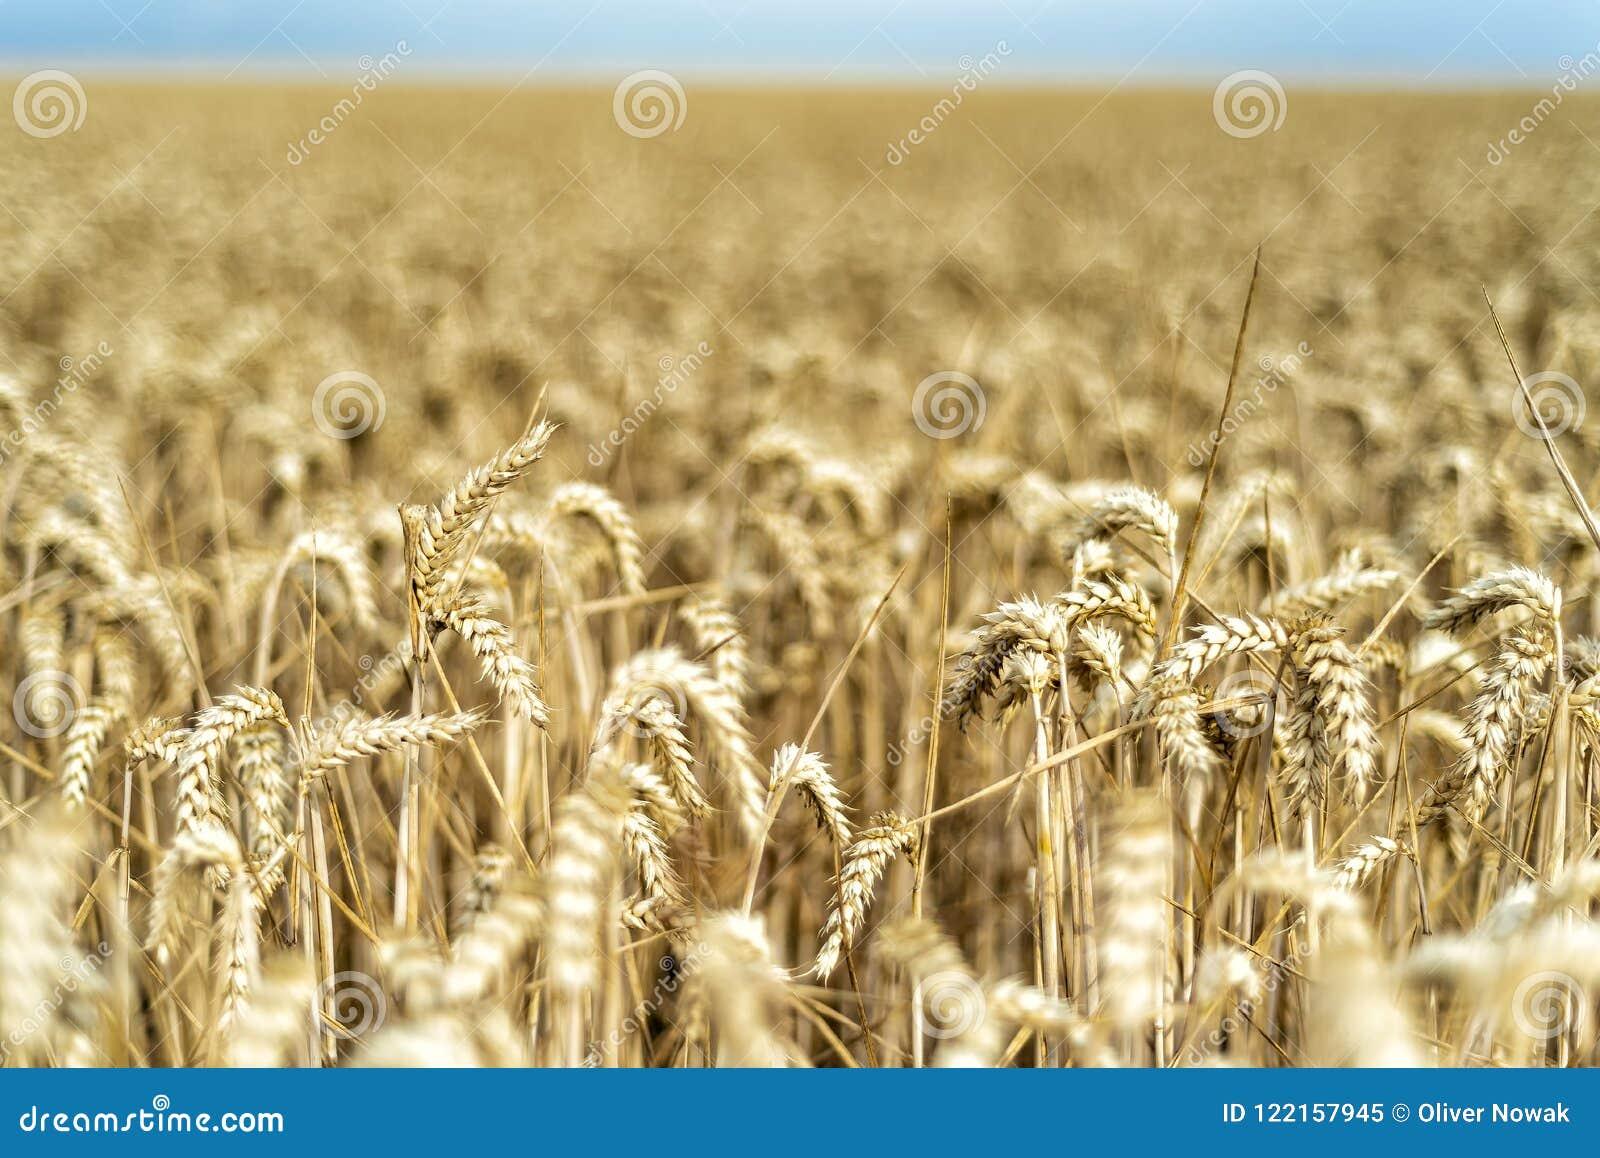 Σιτάρι σε έναν τομέα στην Ευρώπη